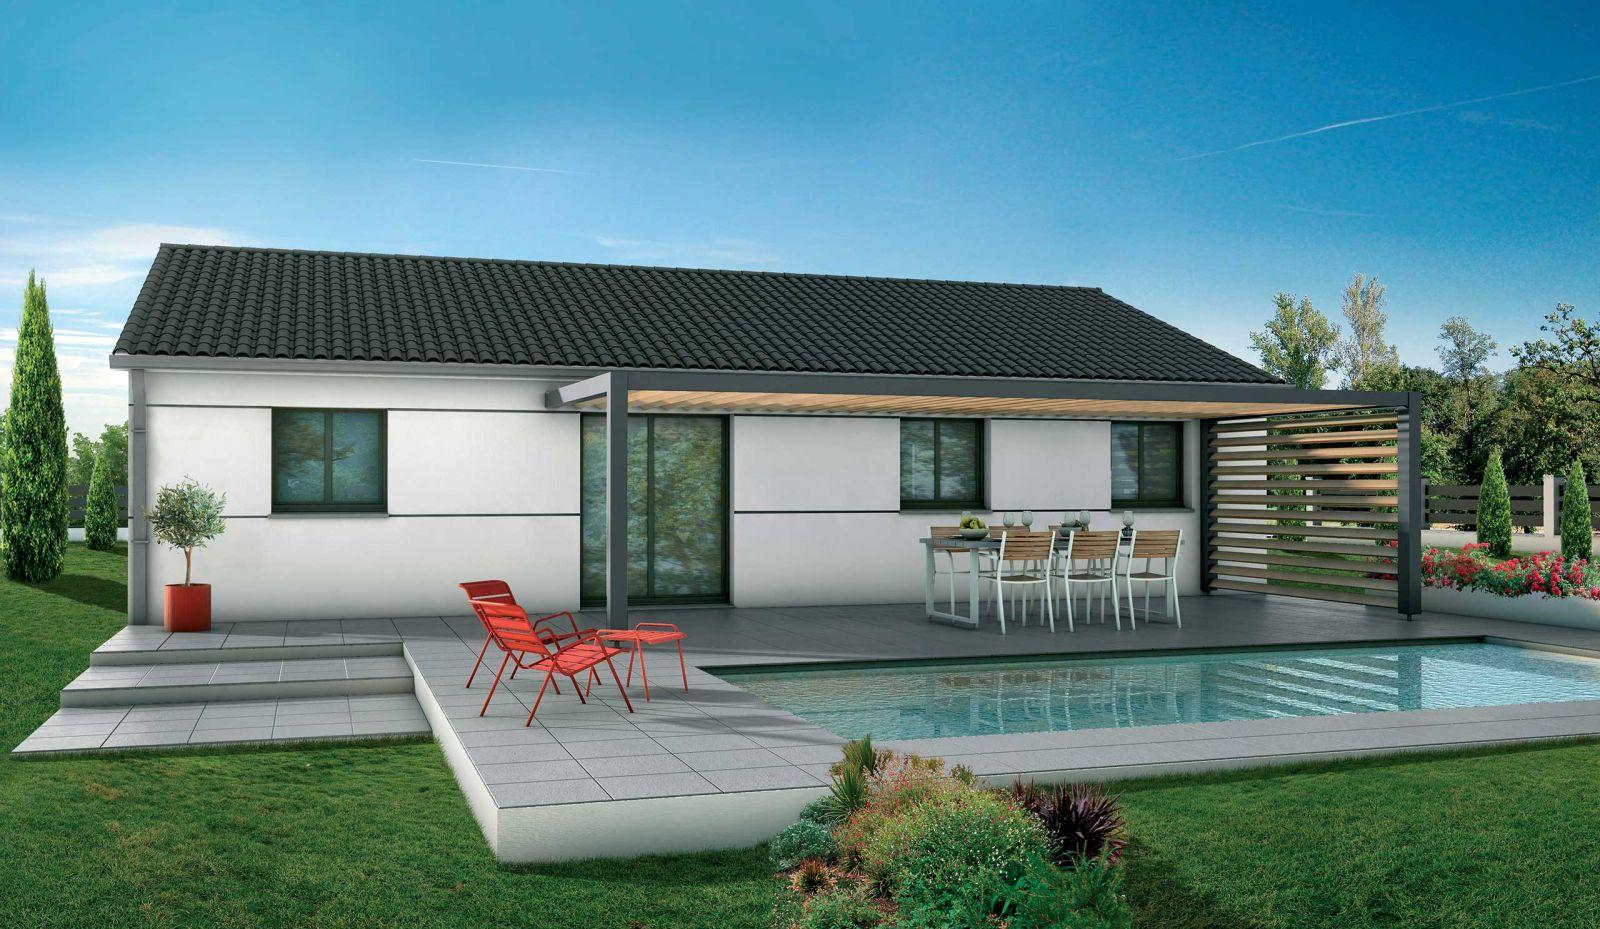 Terrain à construire à SAINT MAGNE (33125) + maison 3 chambres